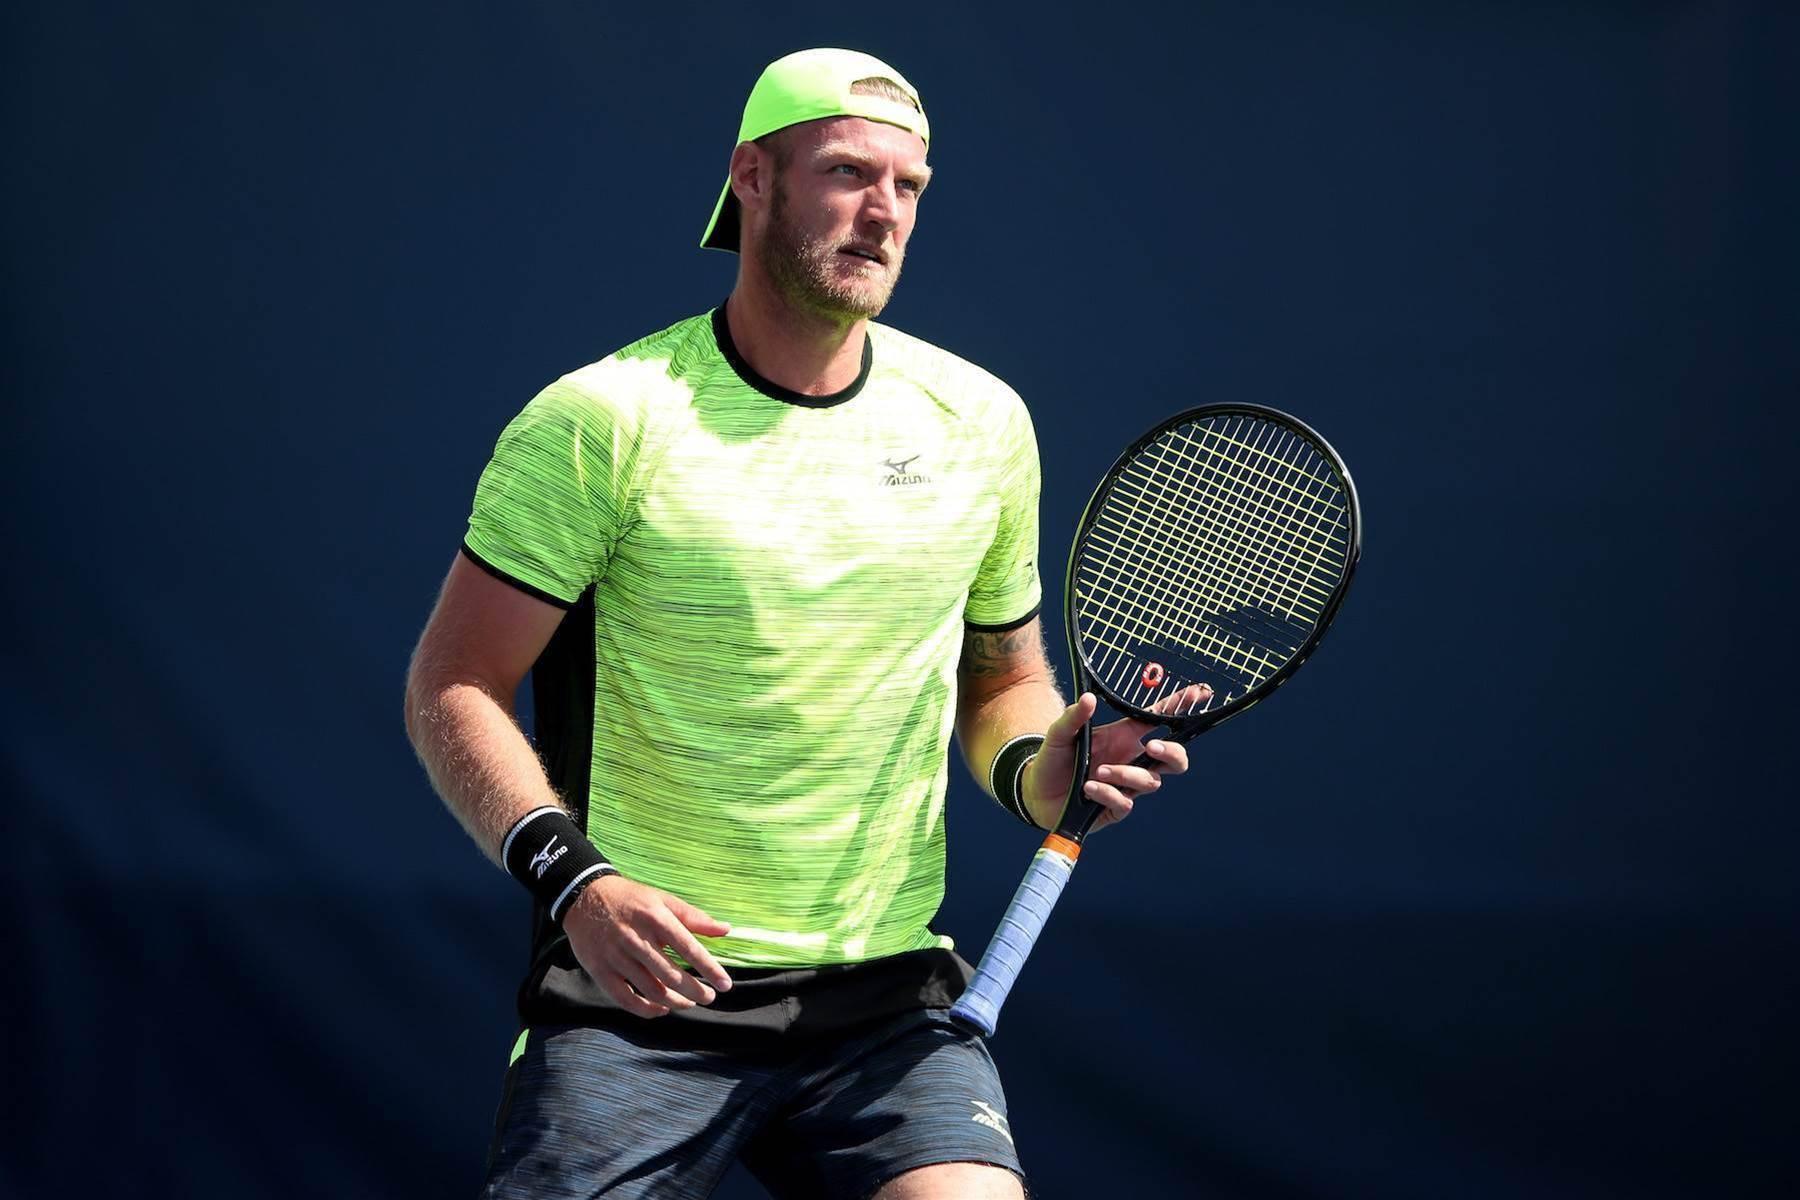 Aussie tennis star to retire after Aus Open